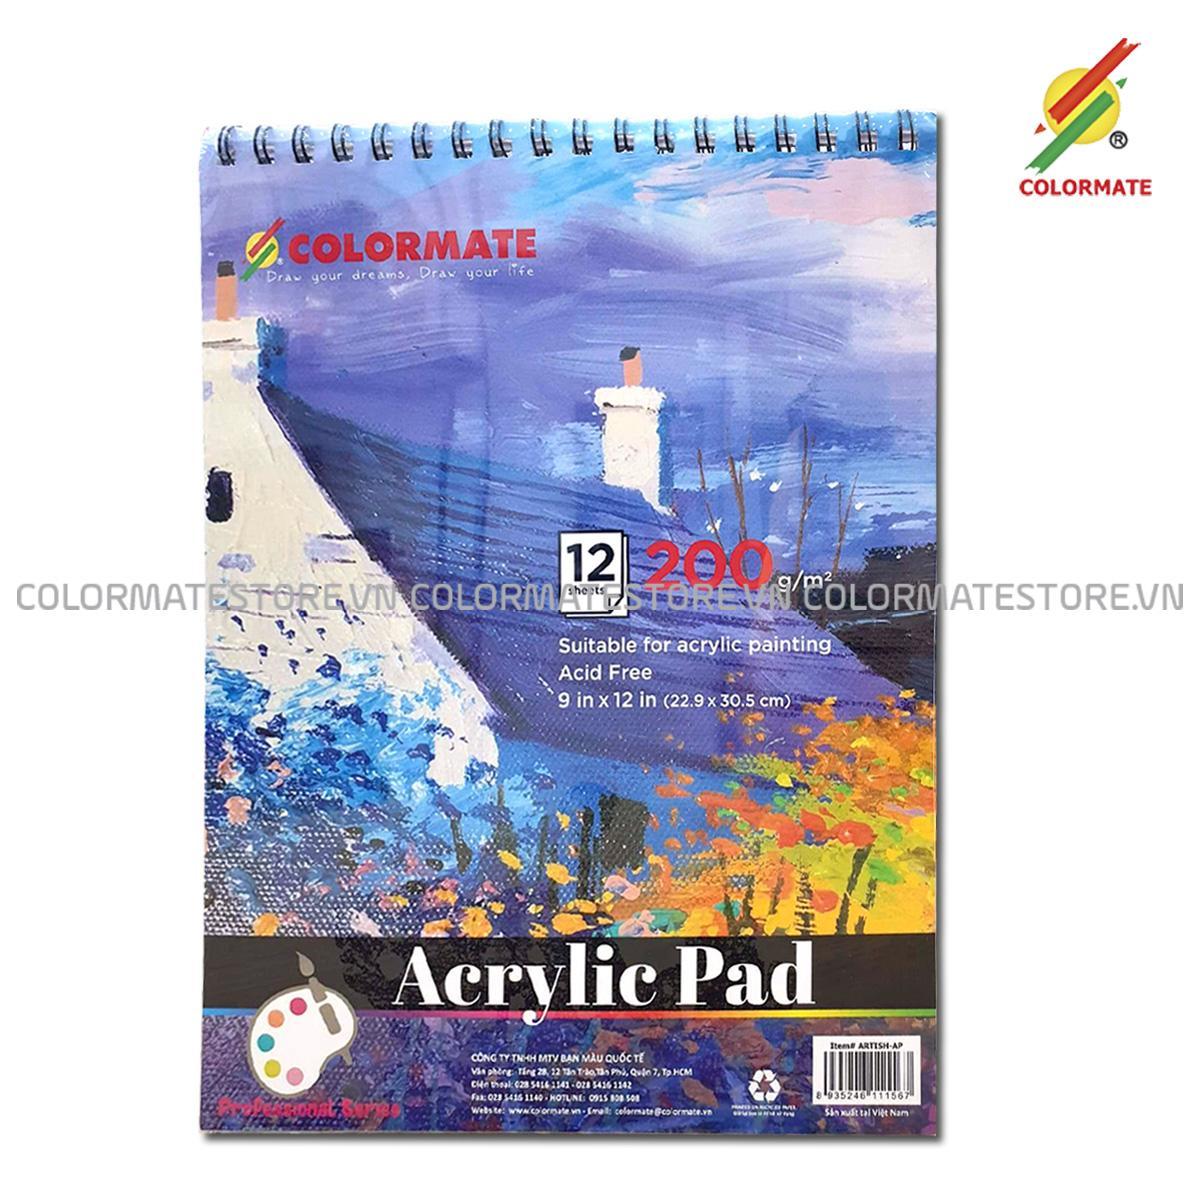 Cơ Hội Giá Tốt Để Sở Hữu Tập Giấy Vẽ Acrylic Pad A4 Định Lượng 200GMS 12 Tờ